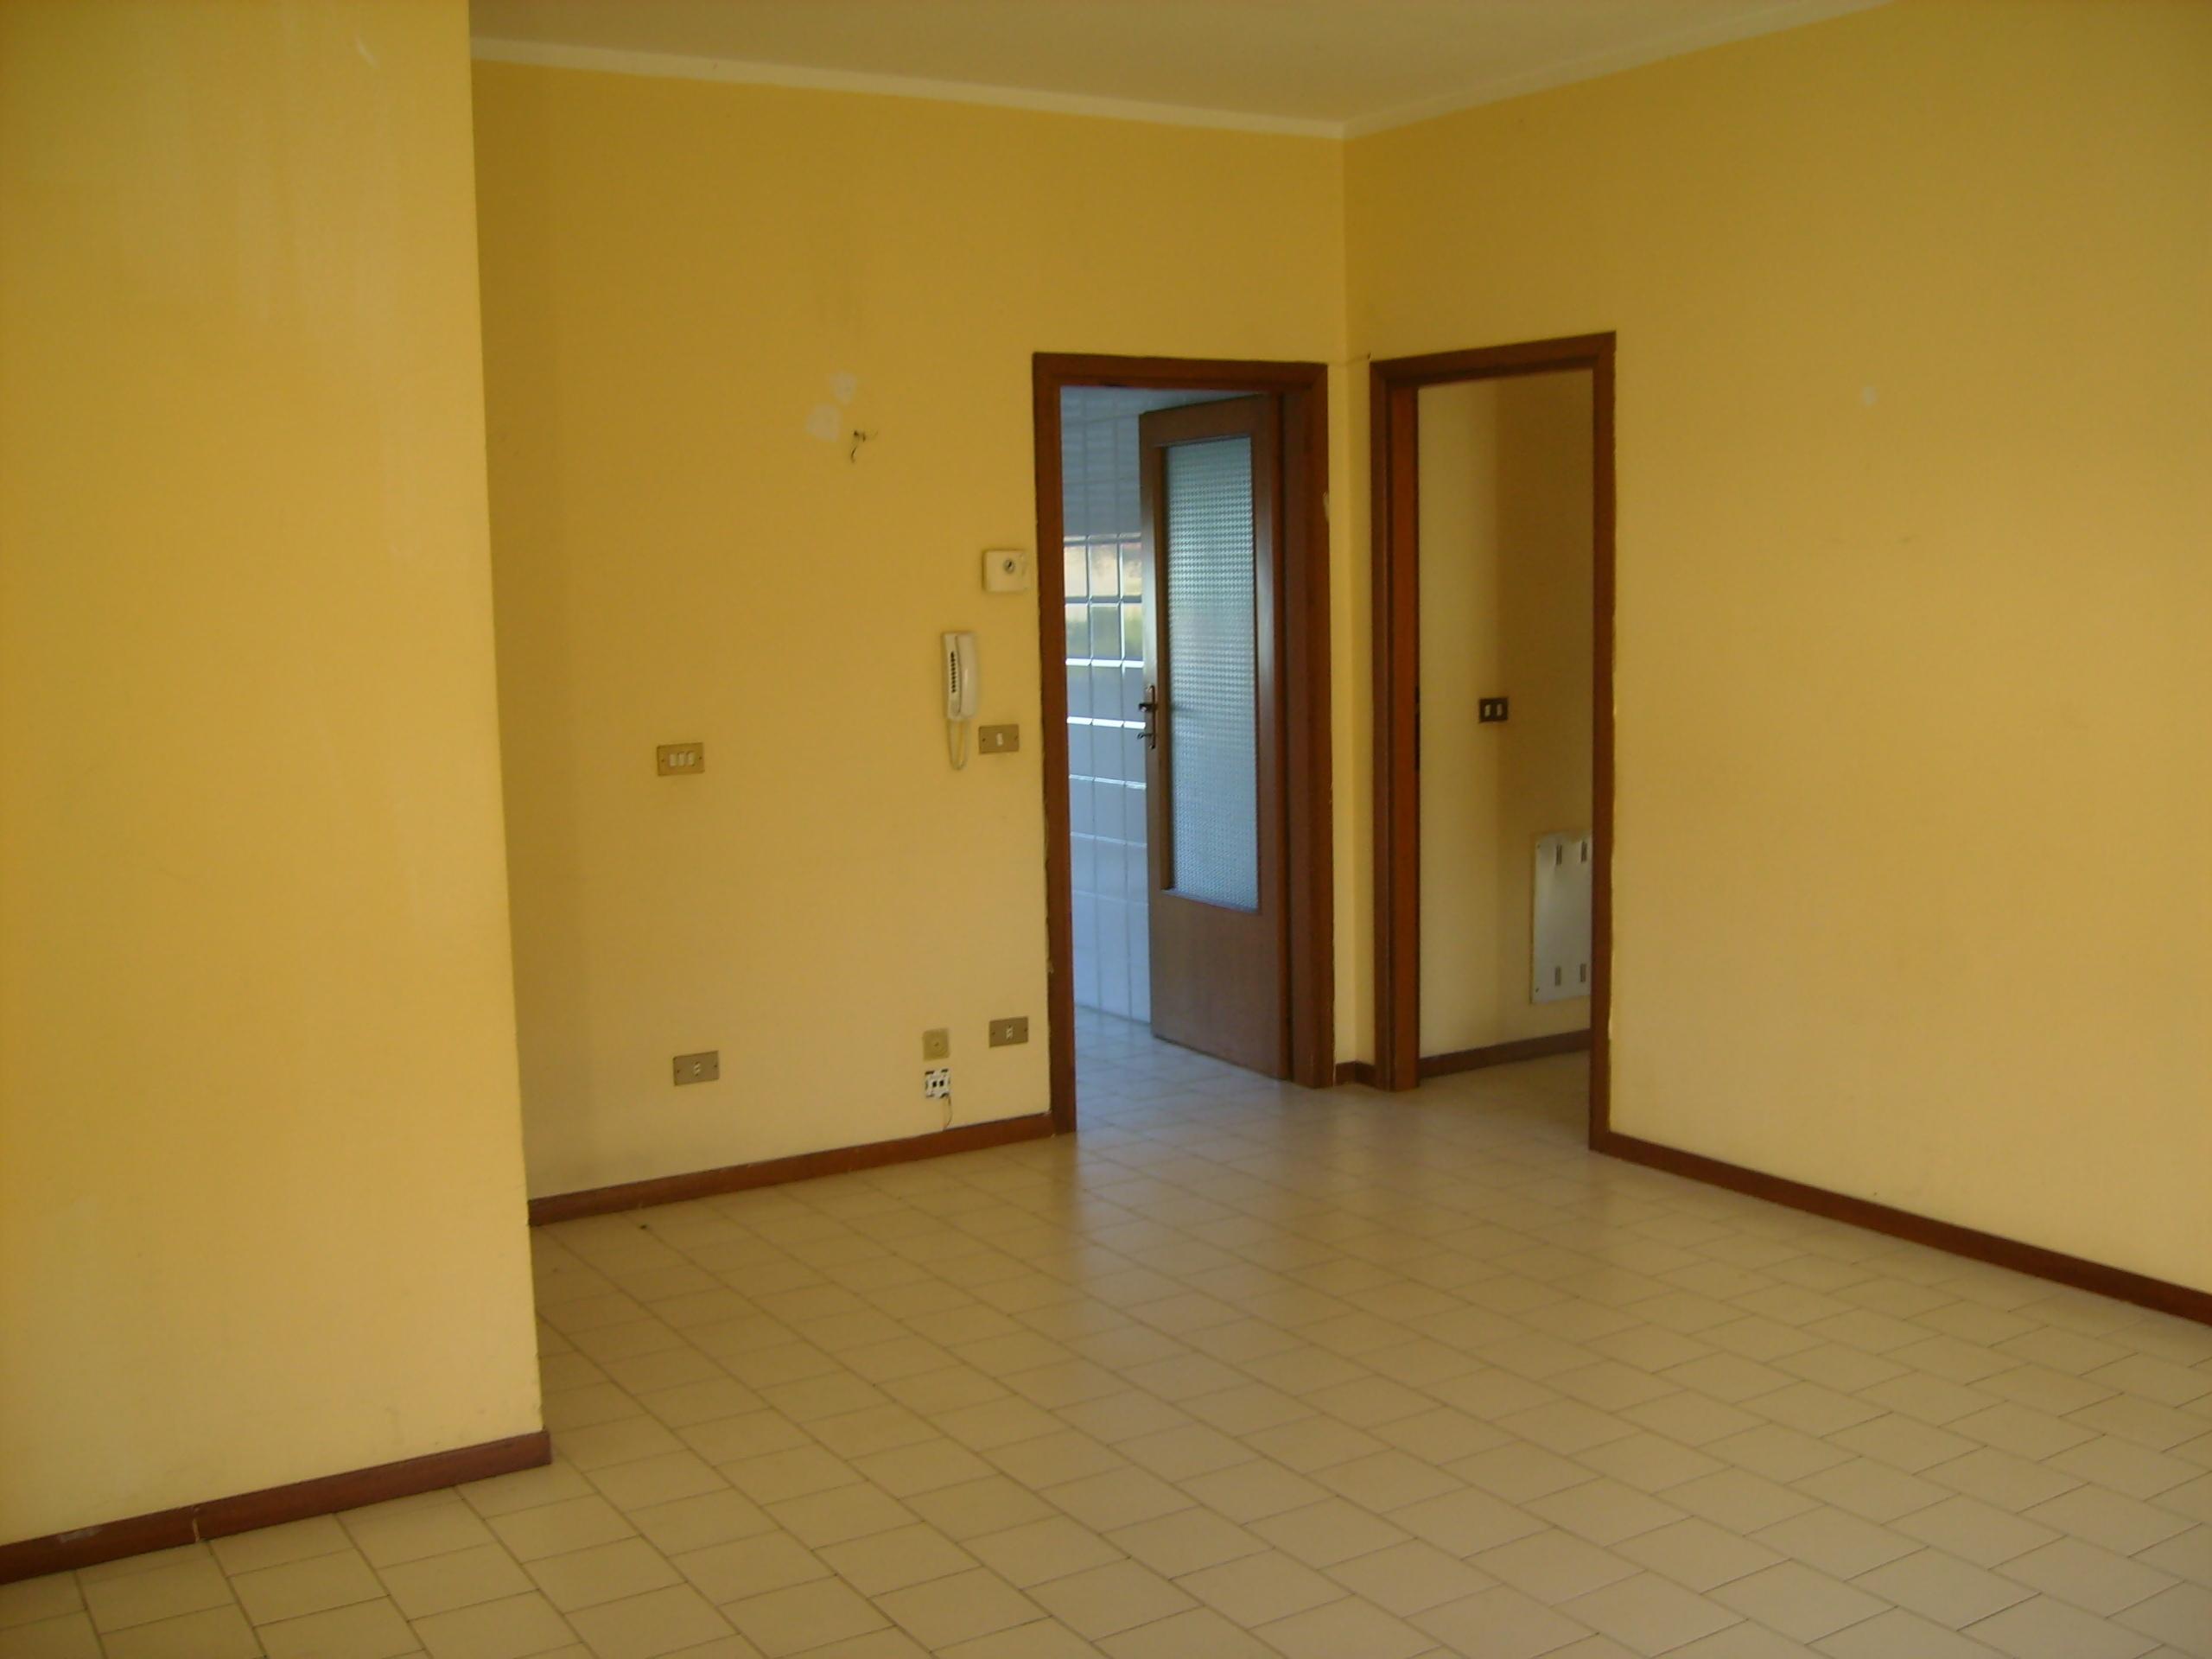 Appartamento 3 camere in affitto a rimini for Camere affitto